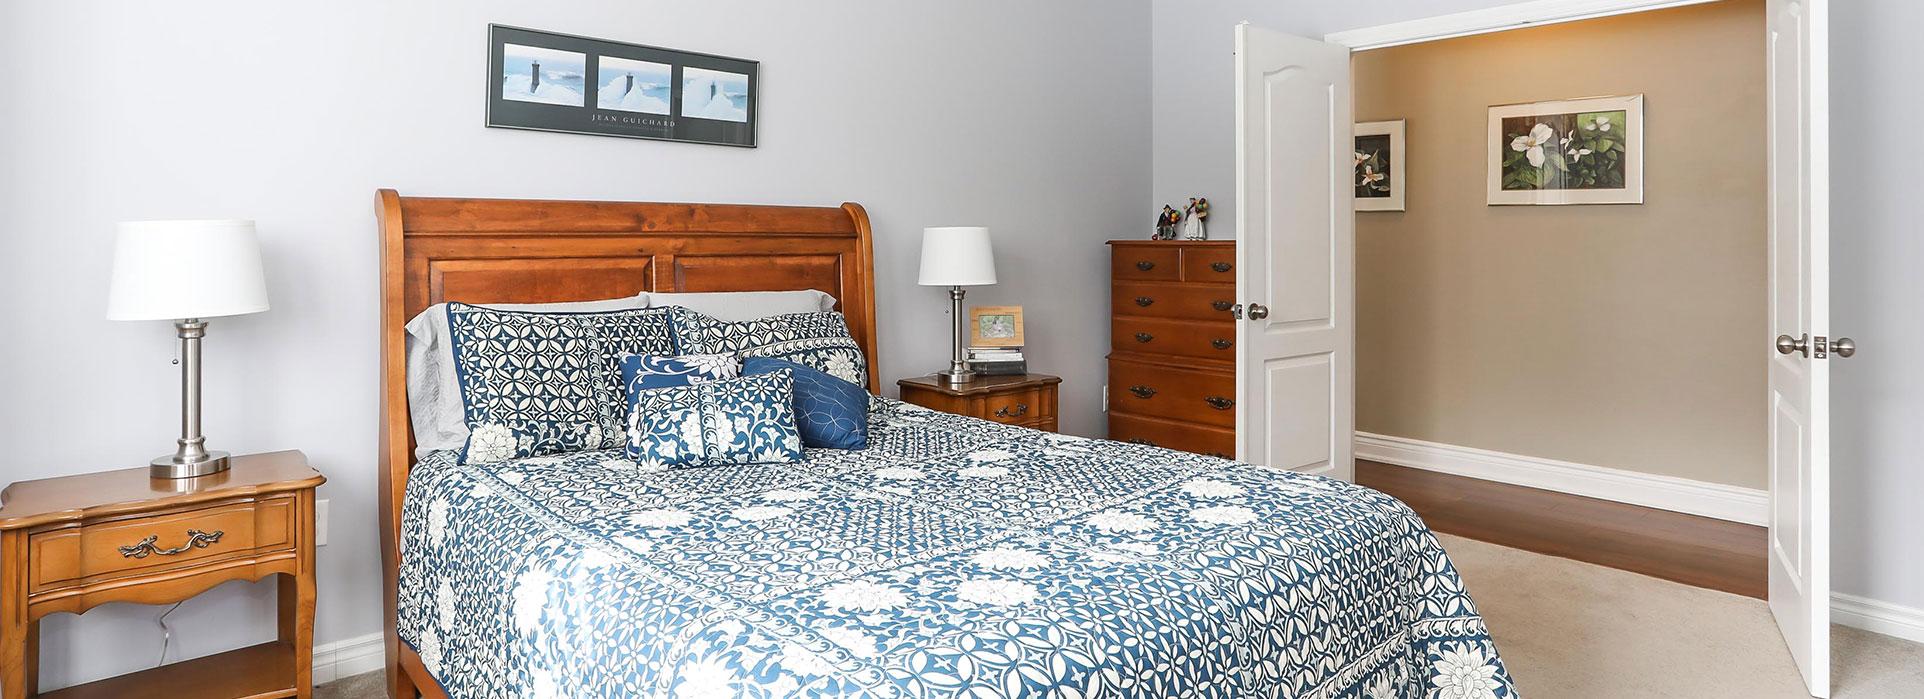 29 Merrington Avenue - Bedroom with double Doors - Cripps Realty